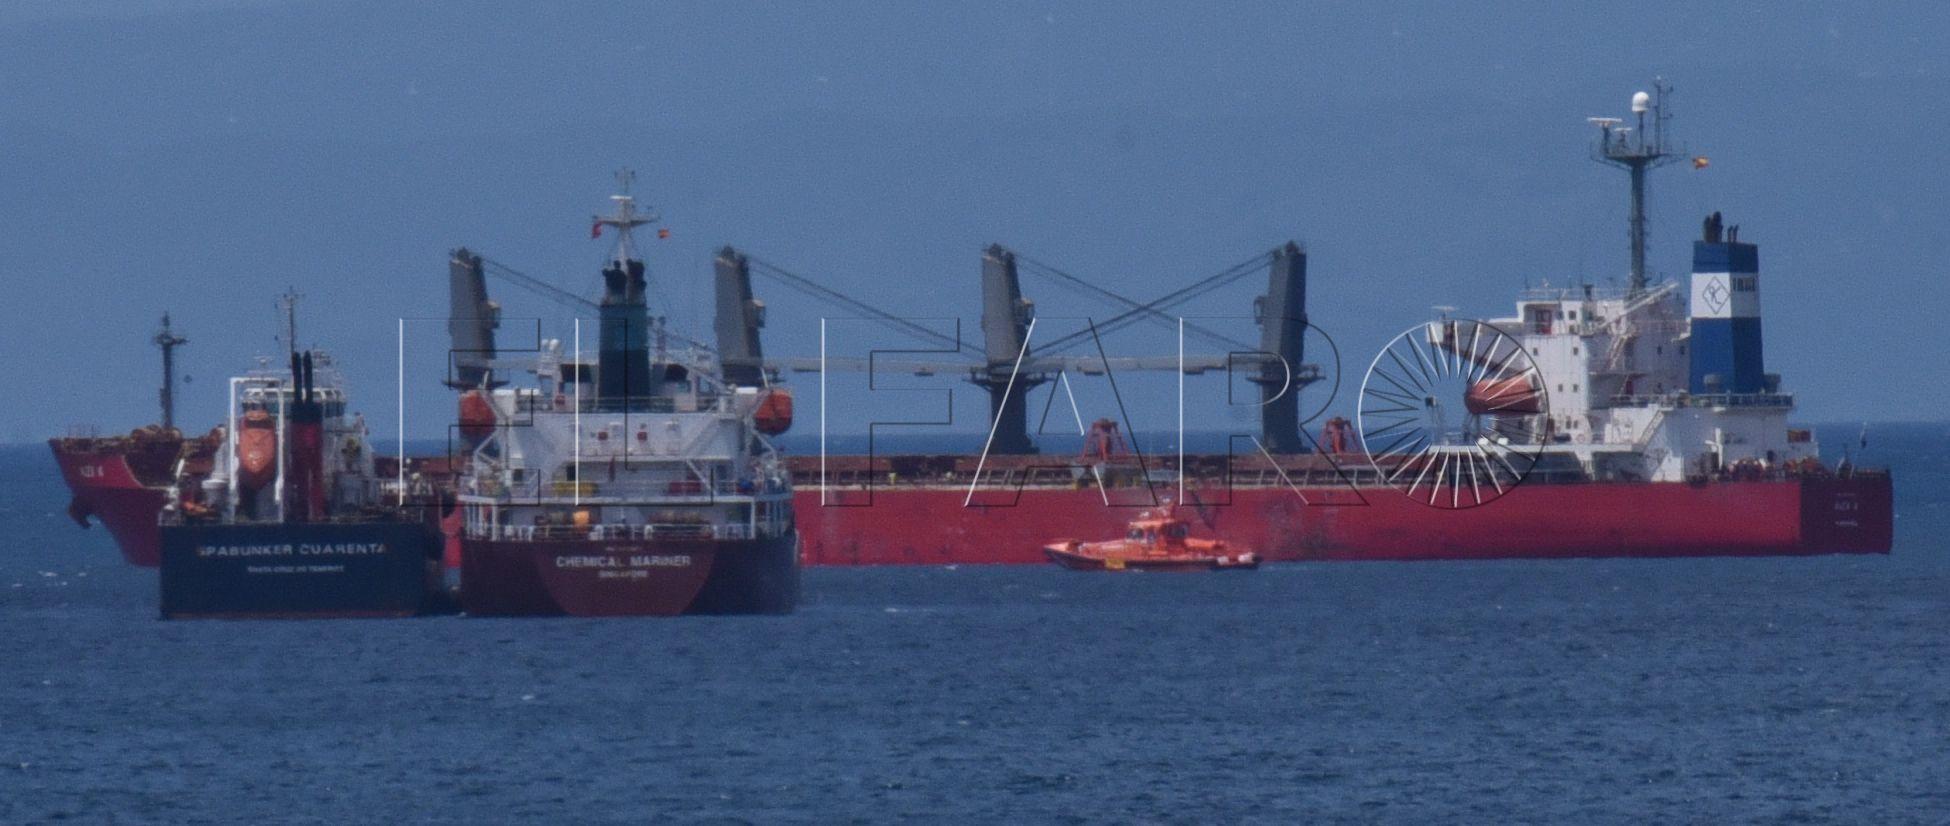 El 'Alexis A' continúa su viaje a Mauritania tras depositar su capitán la garantía de 100.000 euros